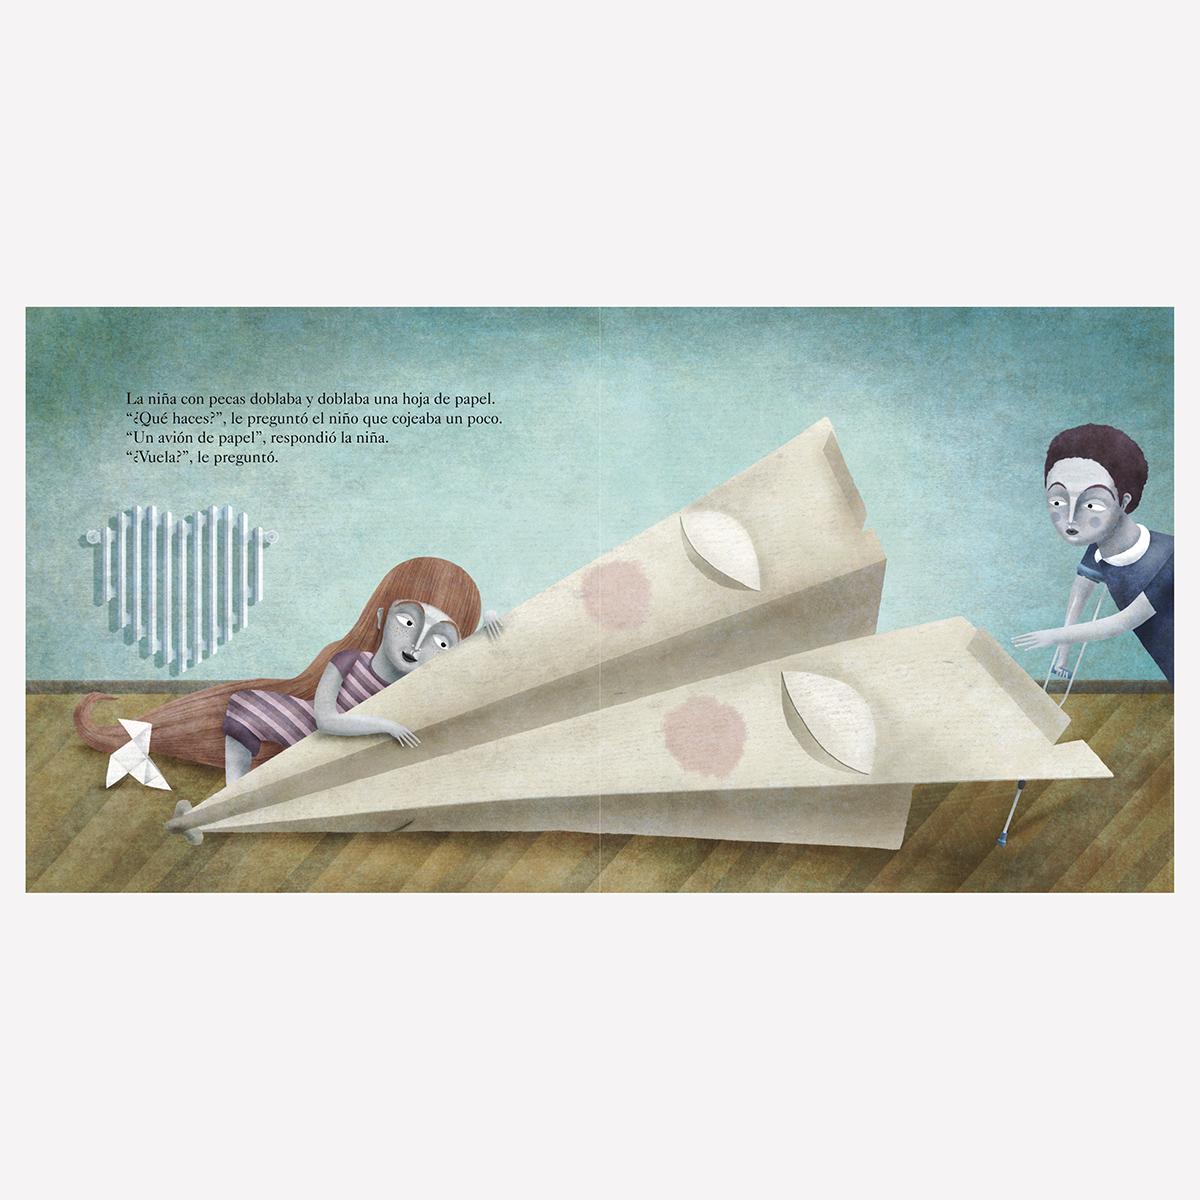 «¿Qué haces?. Un avión de papel». Libro infantil ilustraciones Goyo